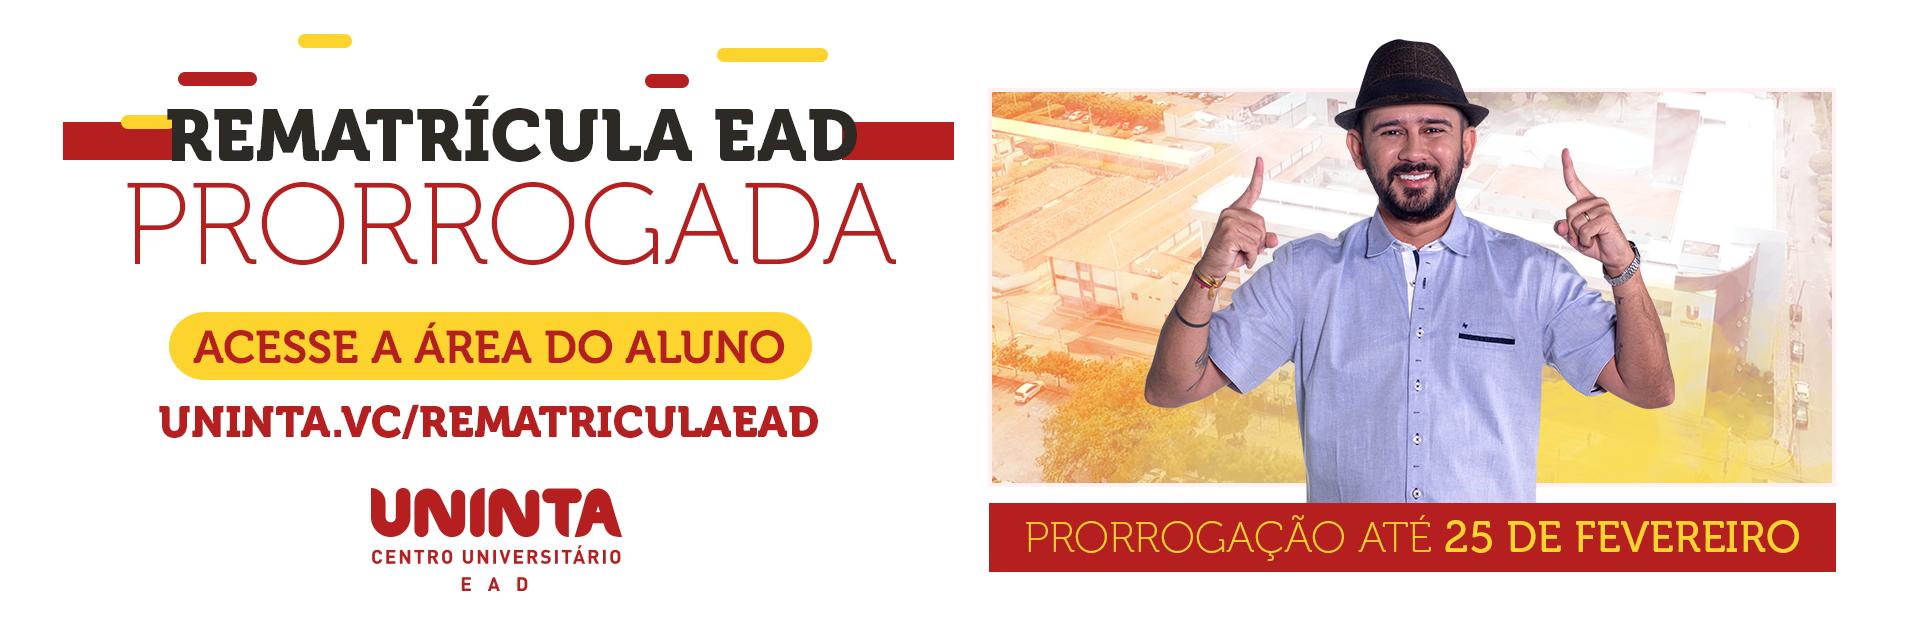 Banner-Home—Rematrícula-Prorrogação-EAD